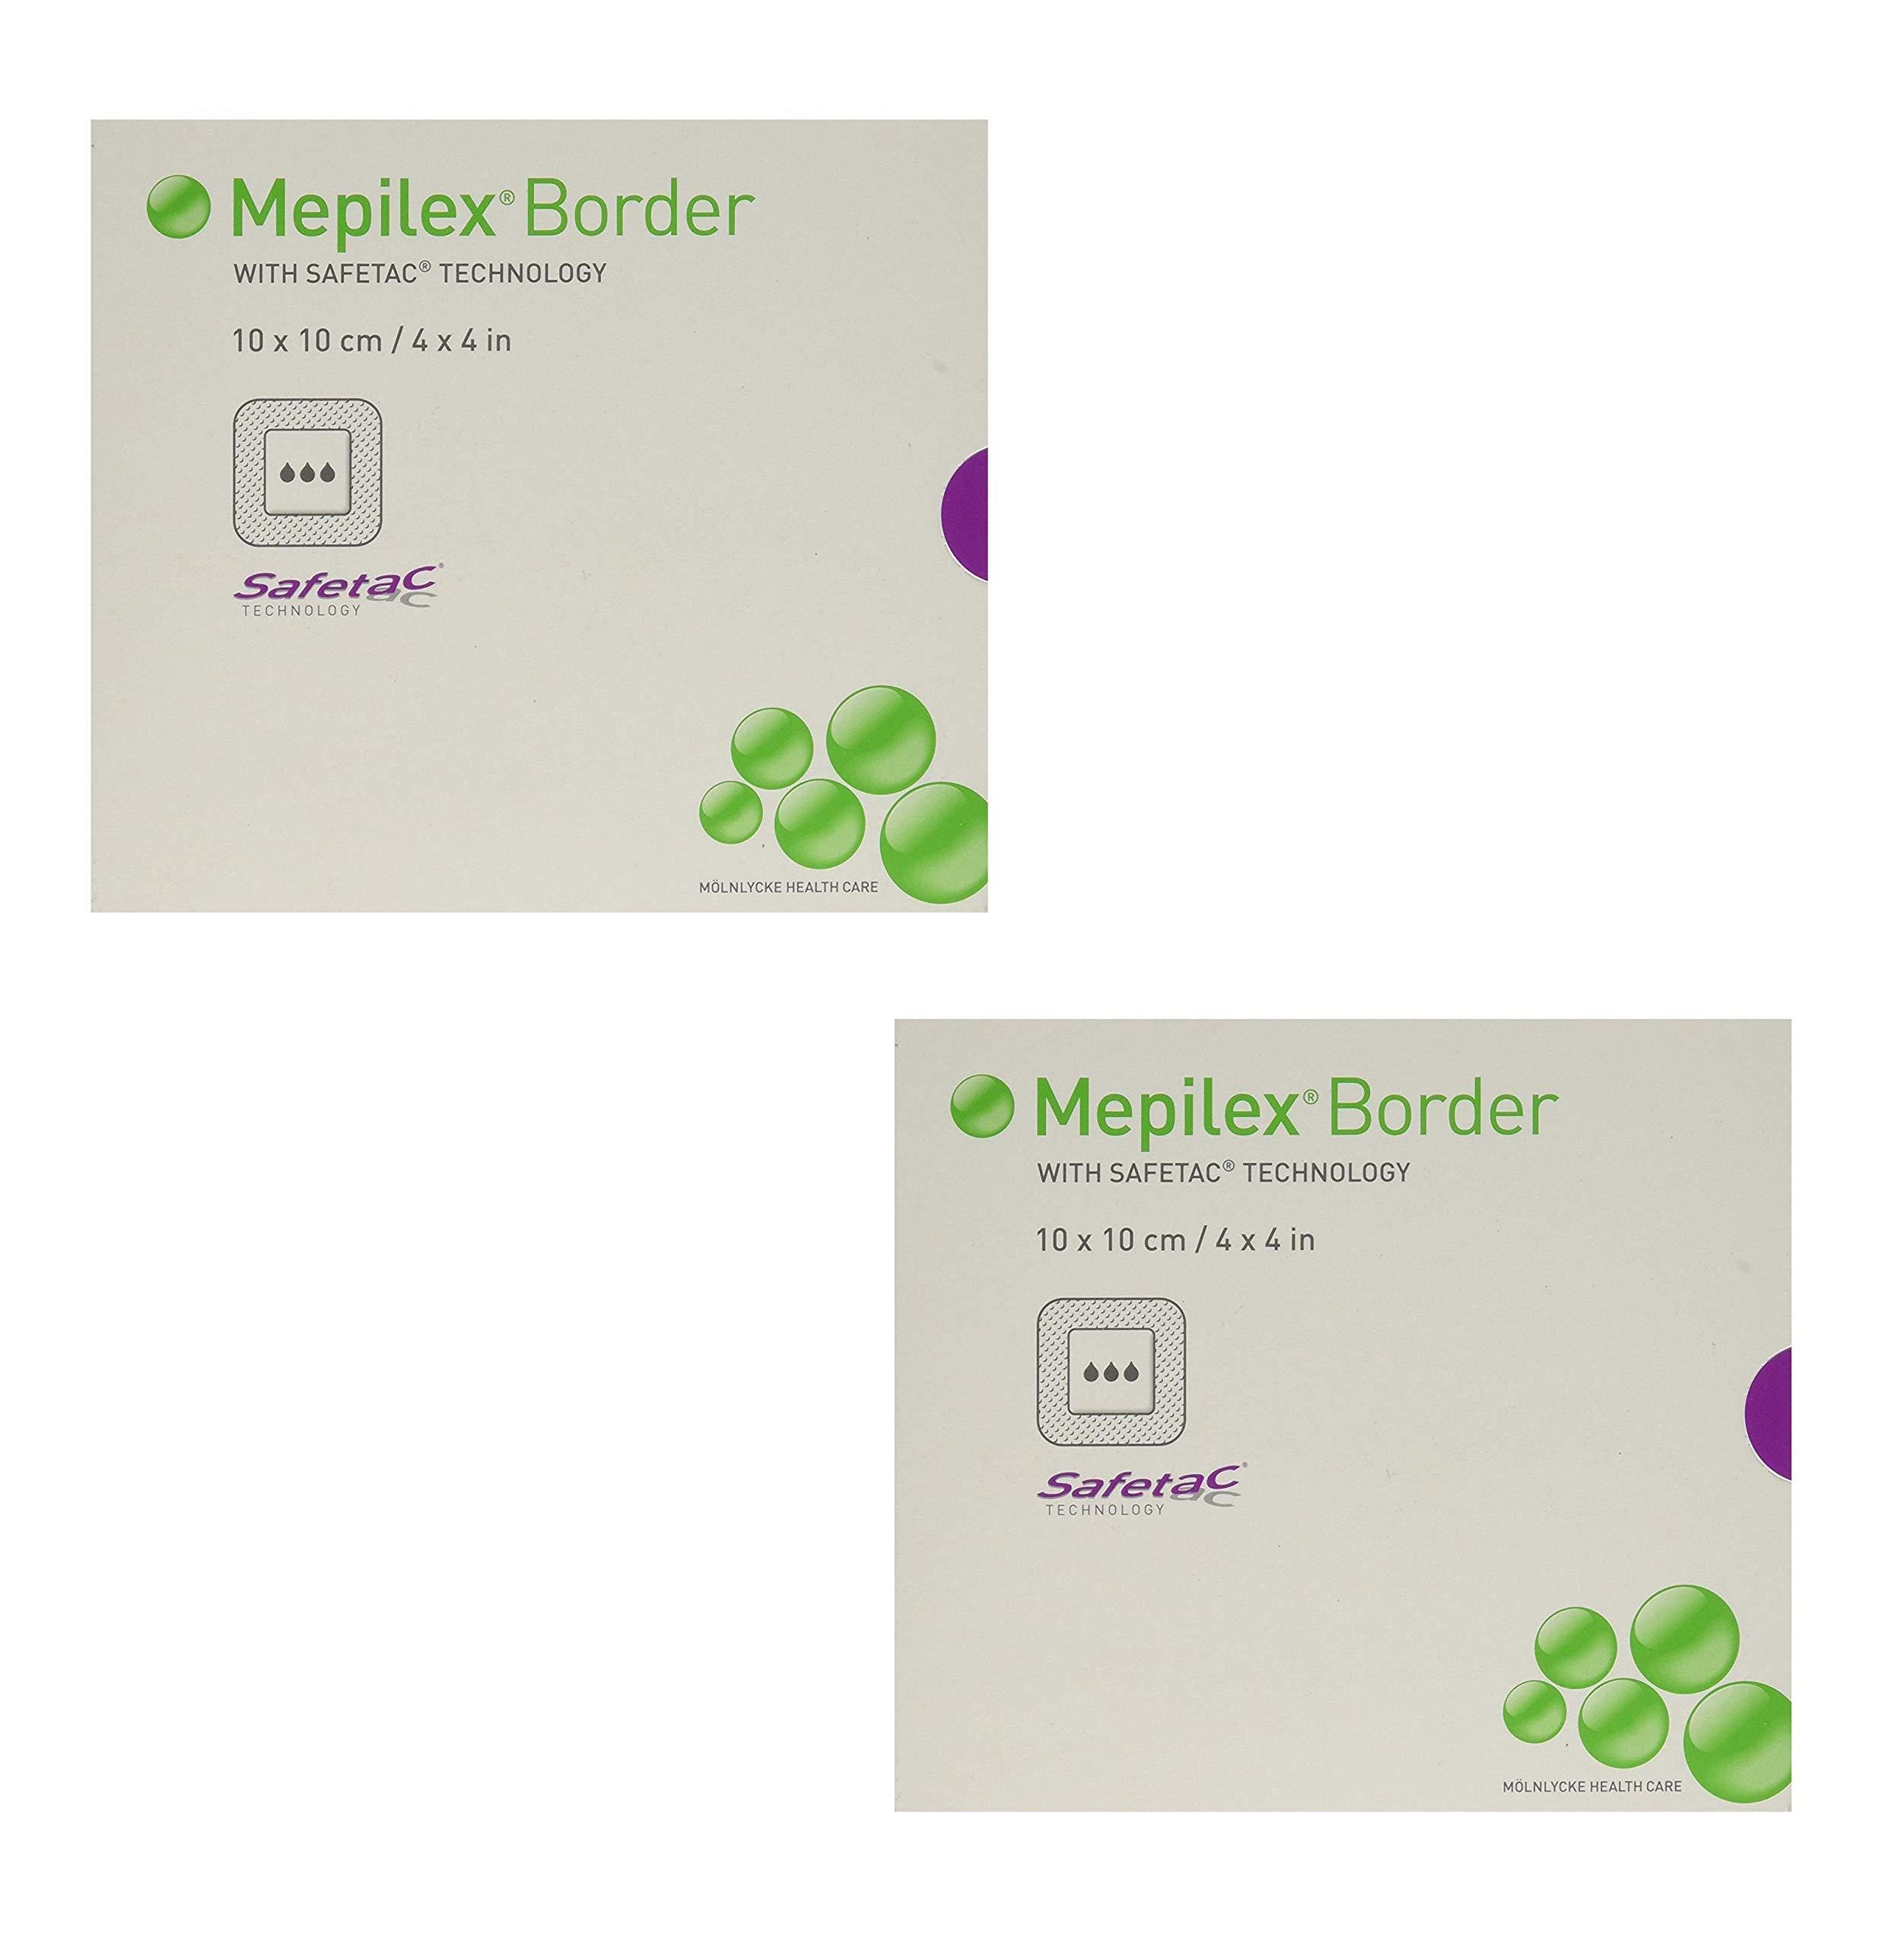 Mepilex Border Self-Adhesive Foam Dressings 4''x4'', 5 Count (2 Pack)